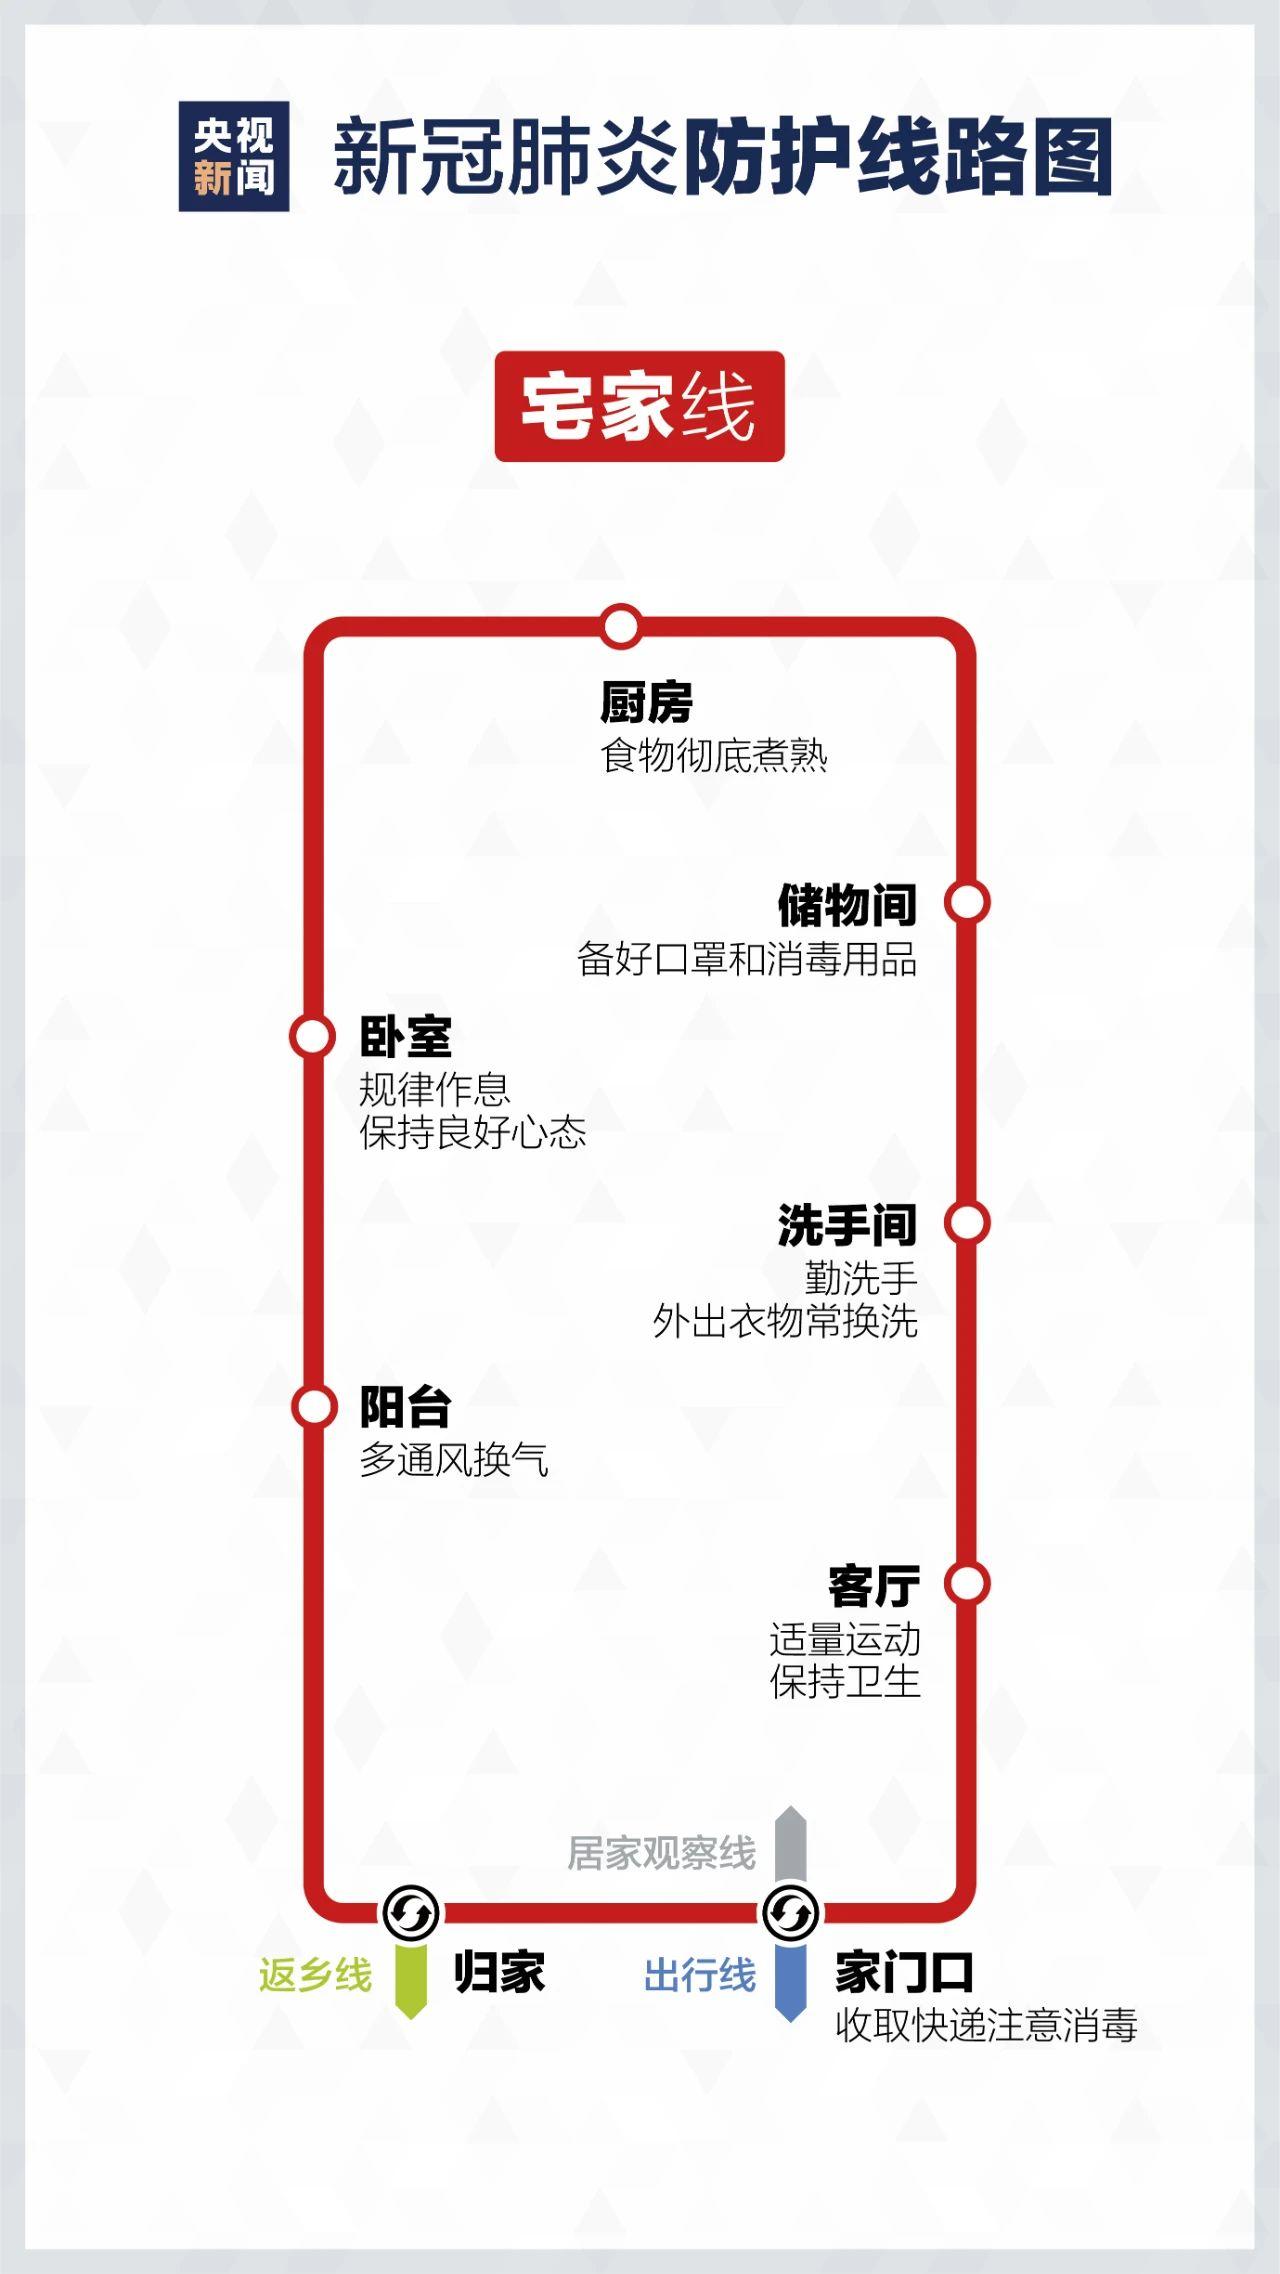 关注!最新版疫情防护线路图 新湖南www.hunanabc.com